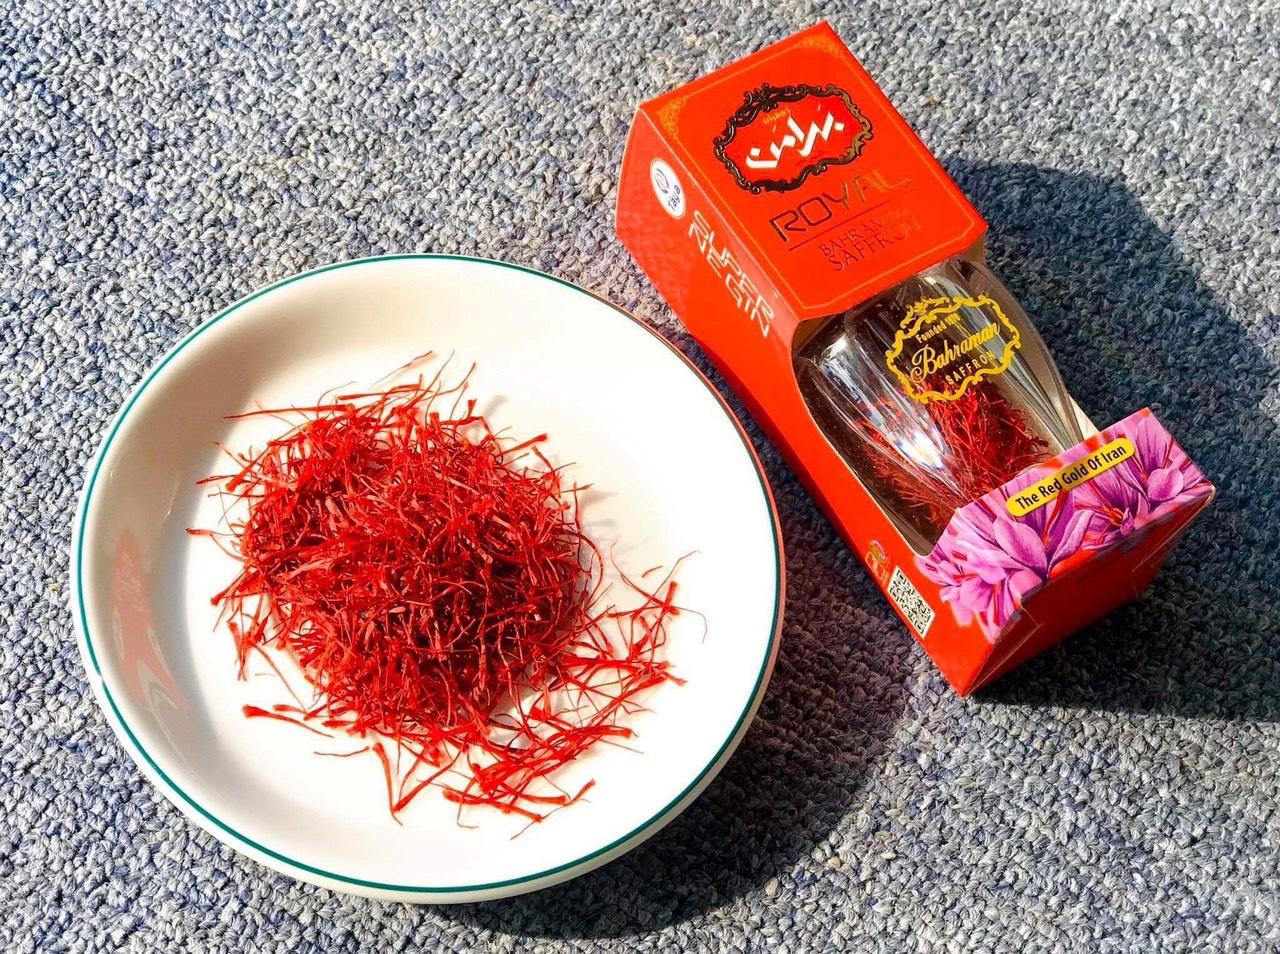 Tặng ngay 1 lọ thảo dược Saffron (Nhụy hoa nghệ tây) trị giá 500.000 đồng